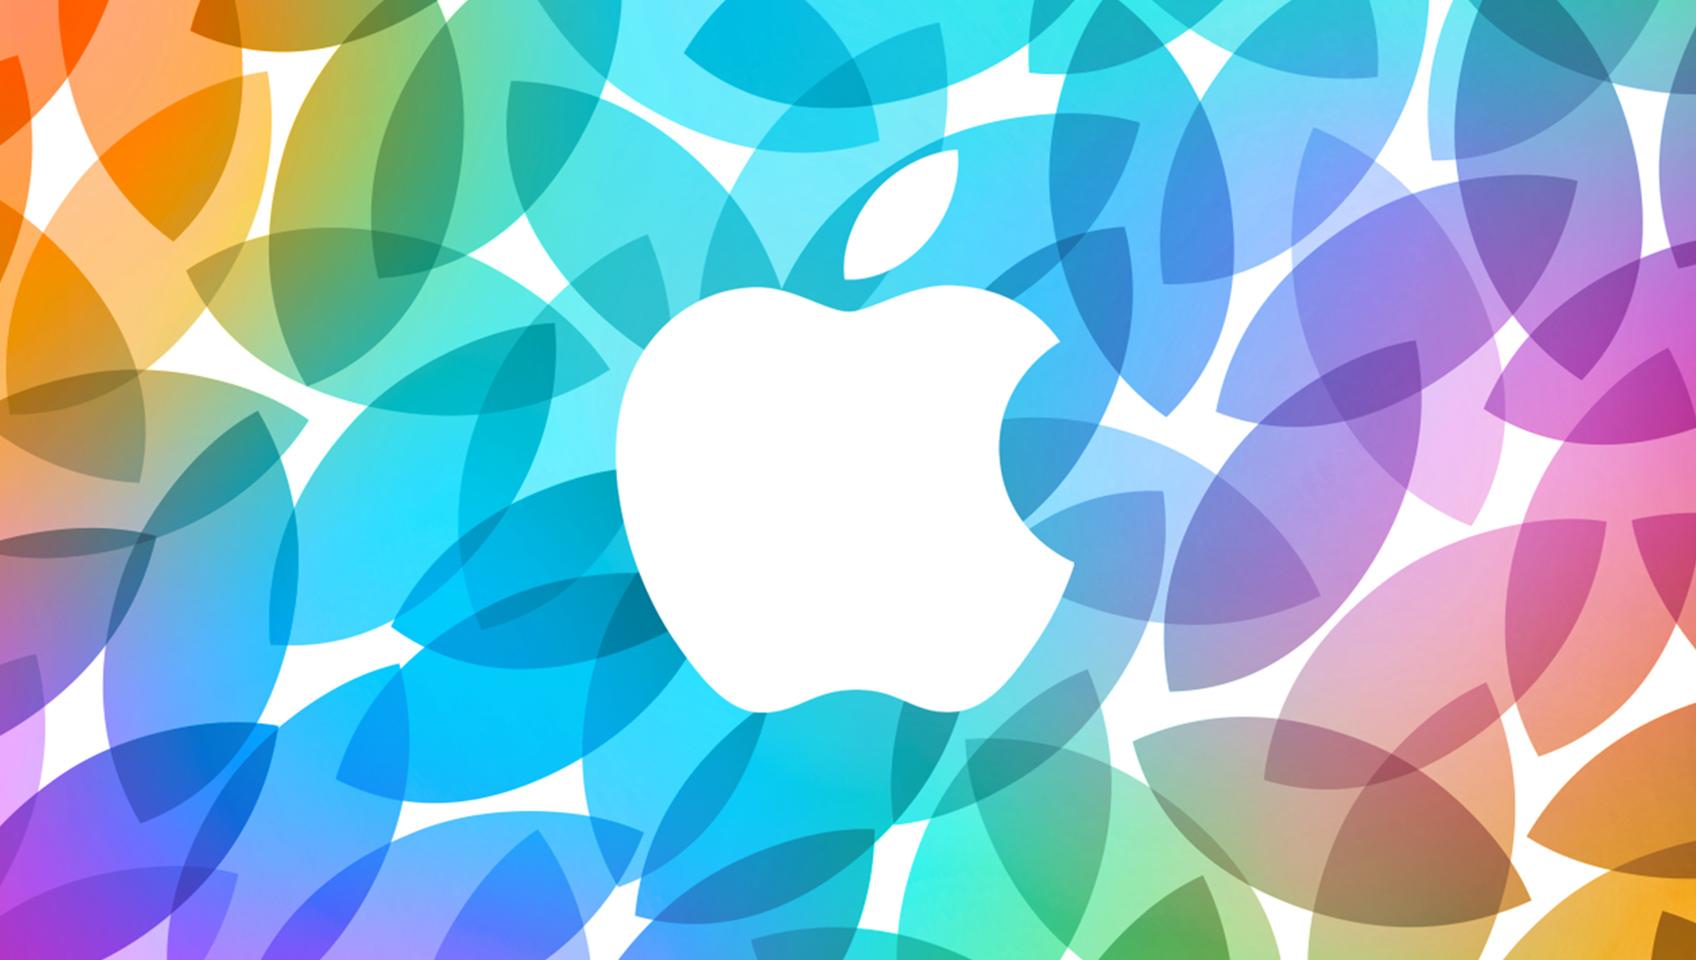 Apple sprawia wrażenie firmy ekologicznej, ale to tylko wrażenie